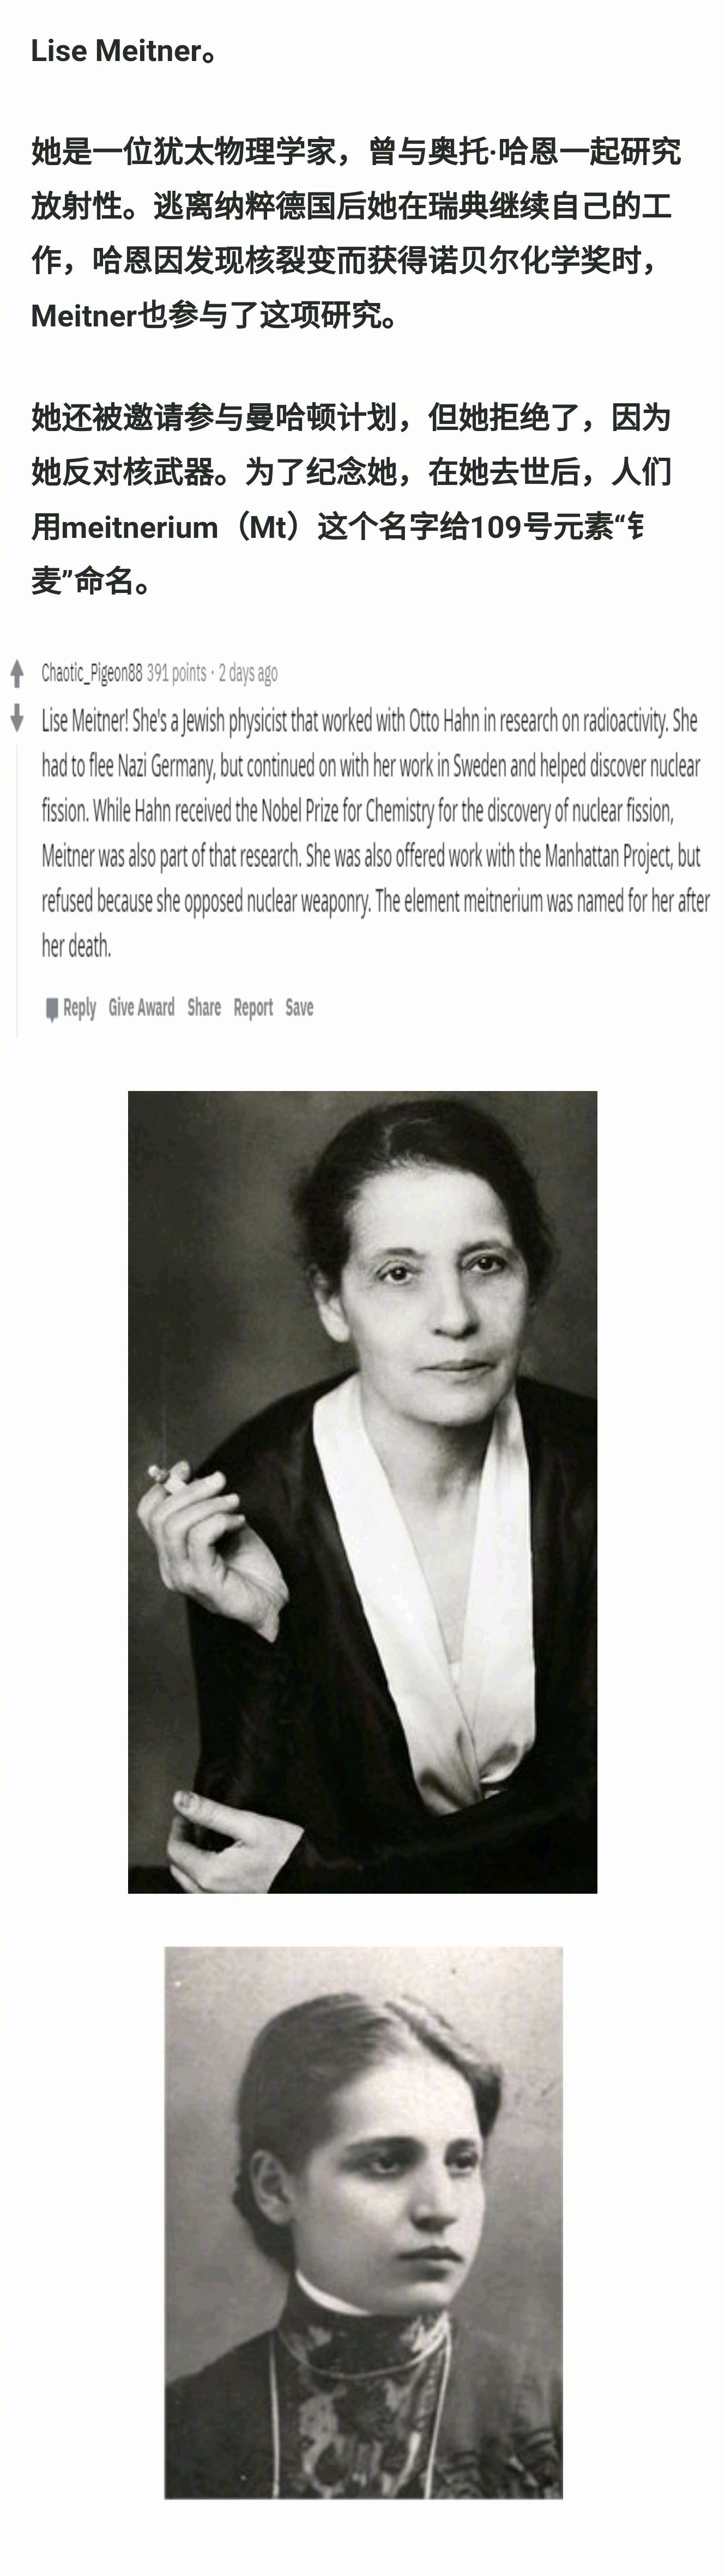 盘点那些历史上被忽略掉对人类发展做出过重大贡献的女性